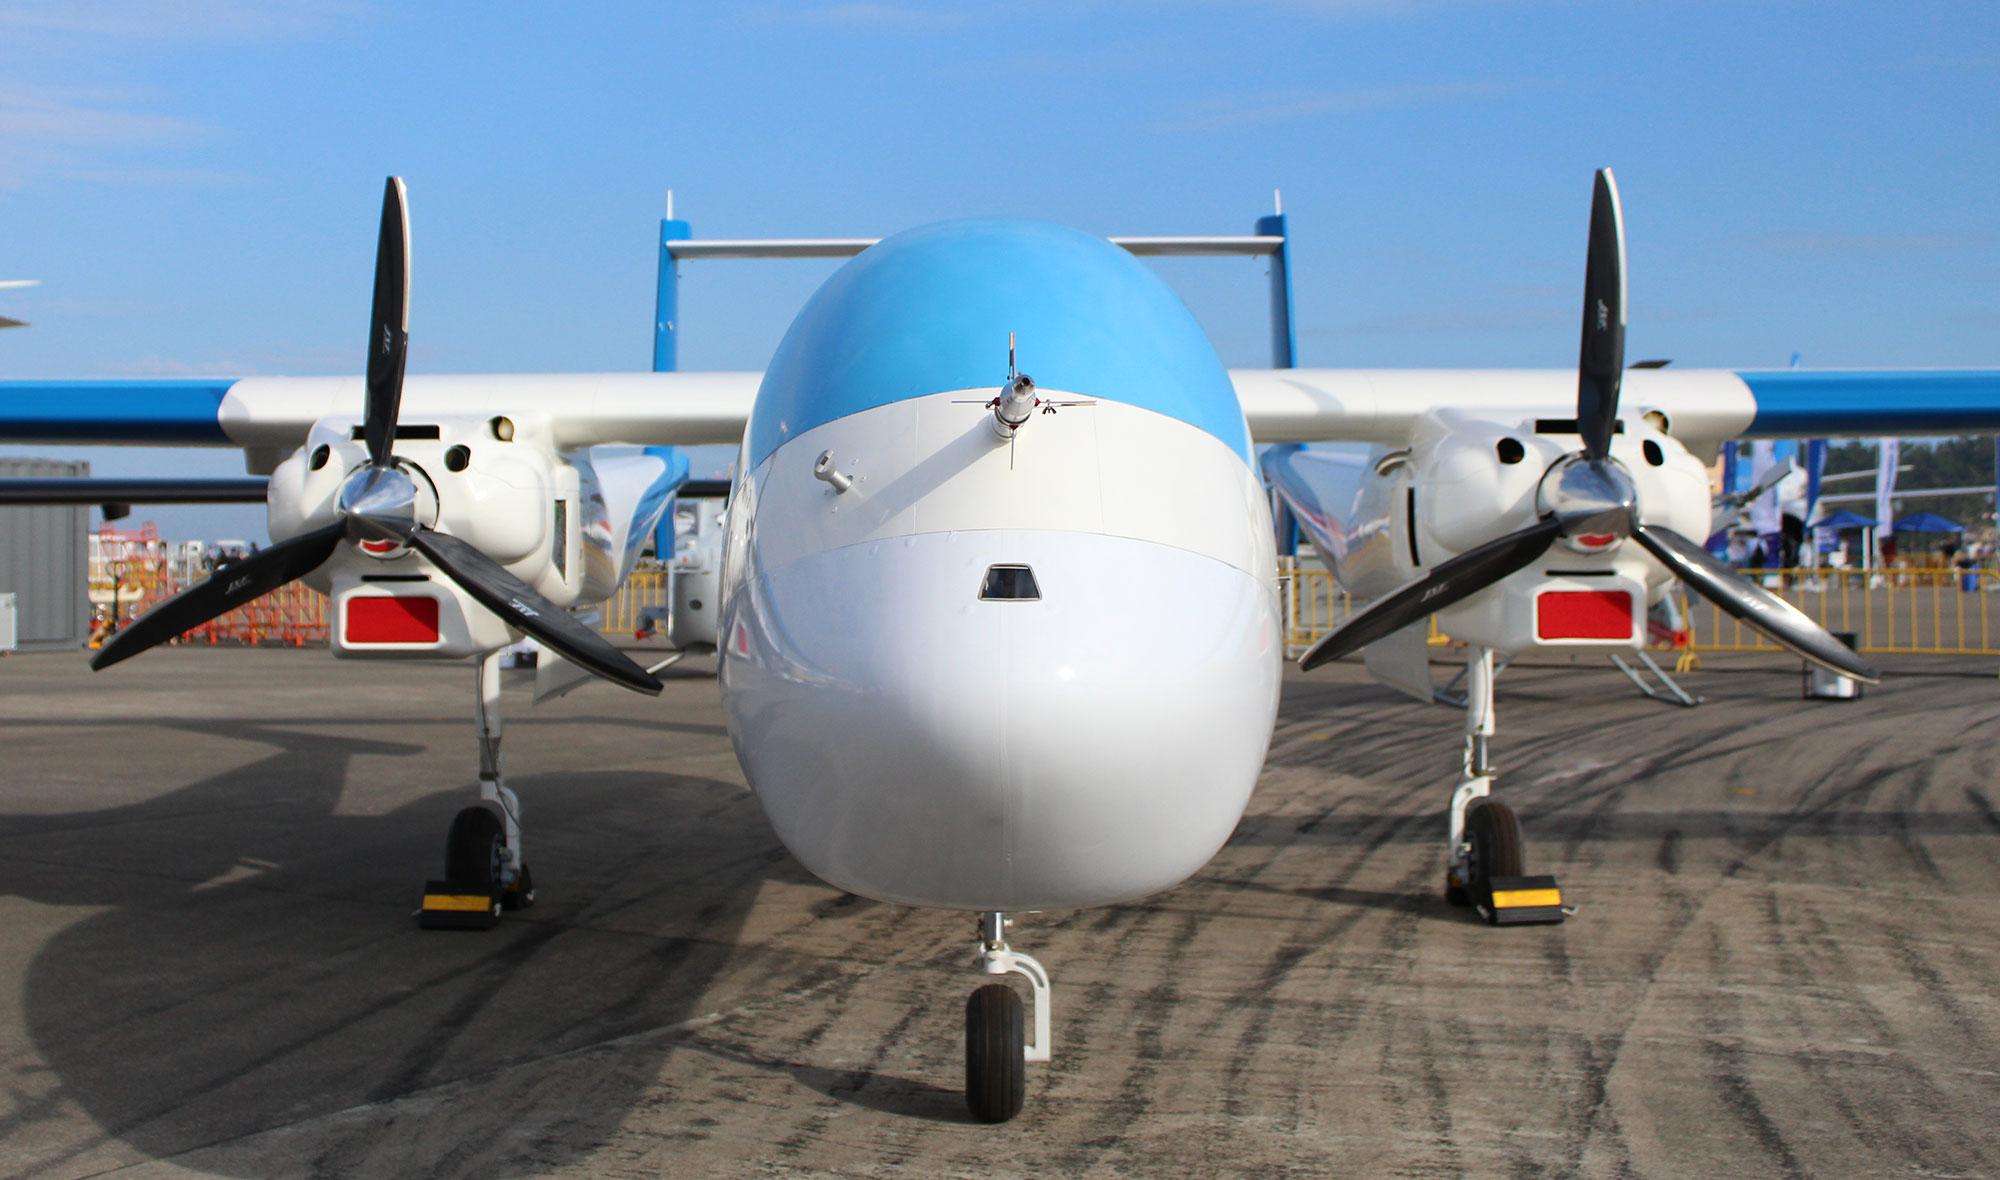 安徽卓尔航空科技